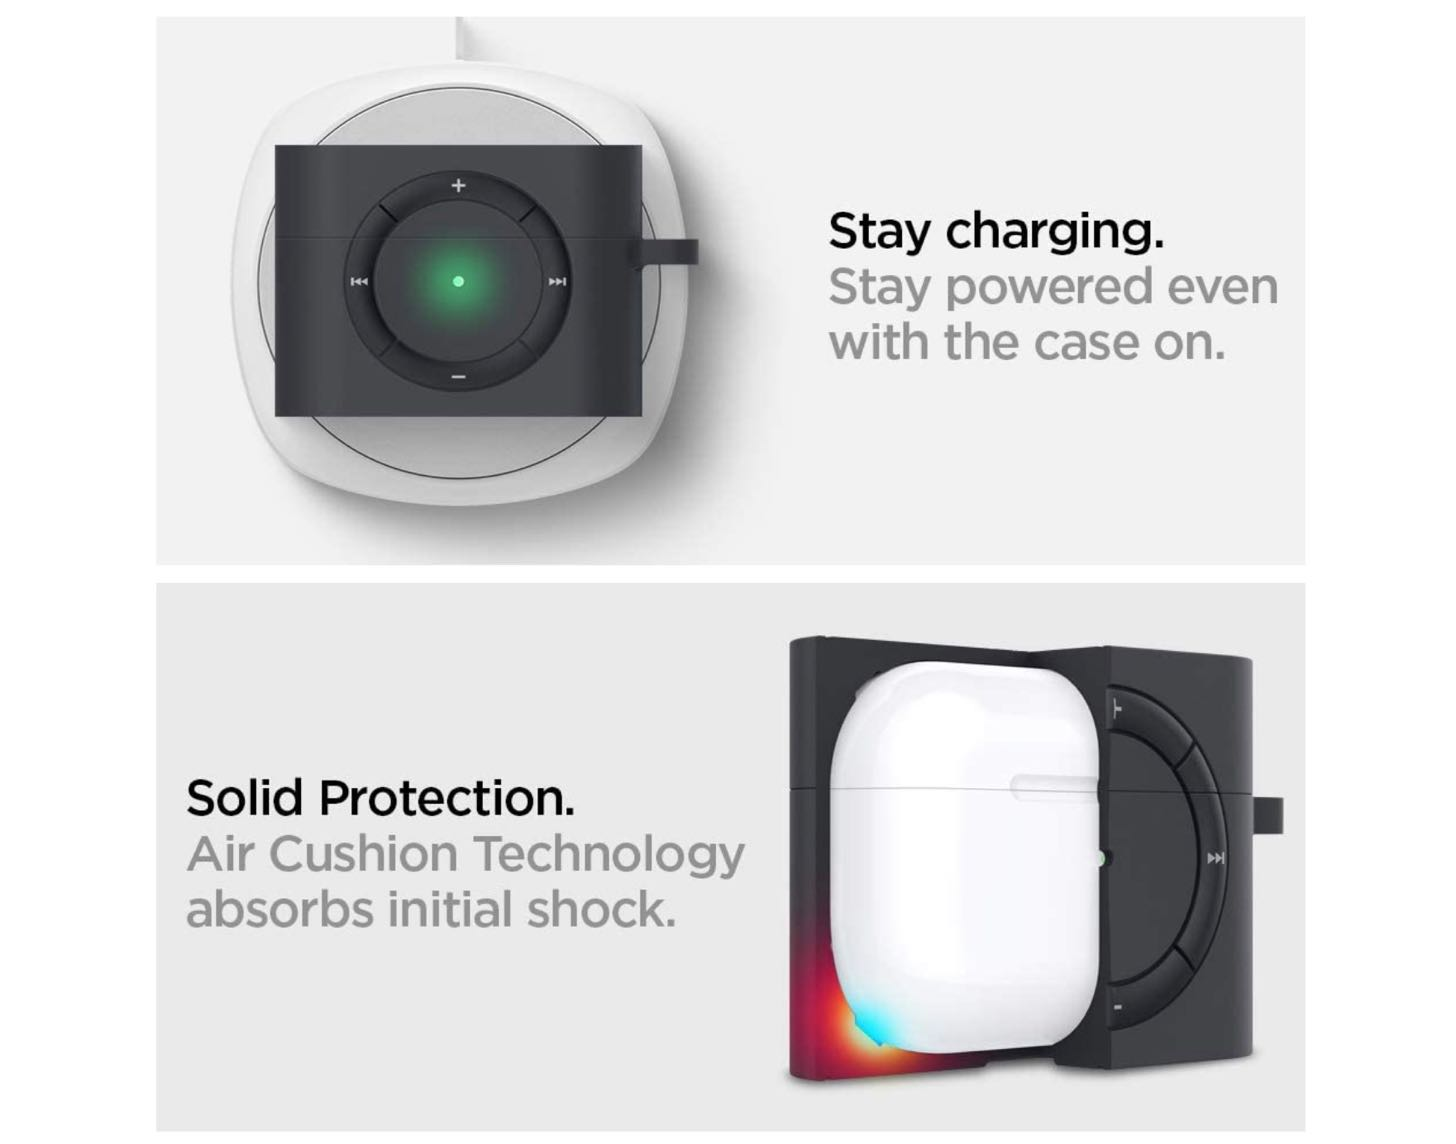 Apple AirPods Pro ケース カバー iPod shuffle 完全再現 カラビナ リング 付き シリコン 収納ケース−6